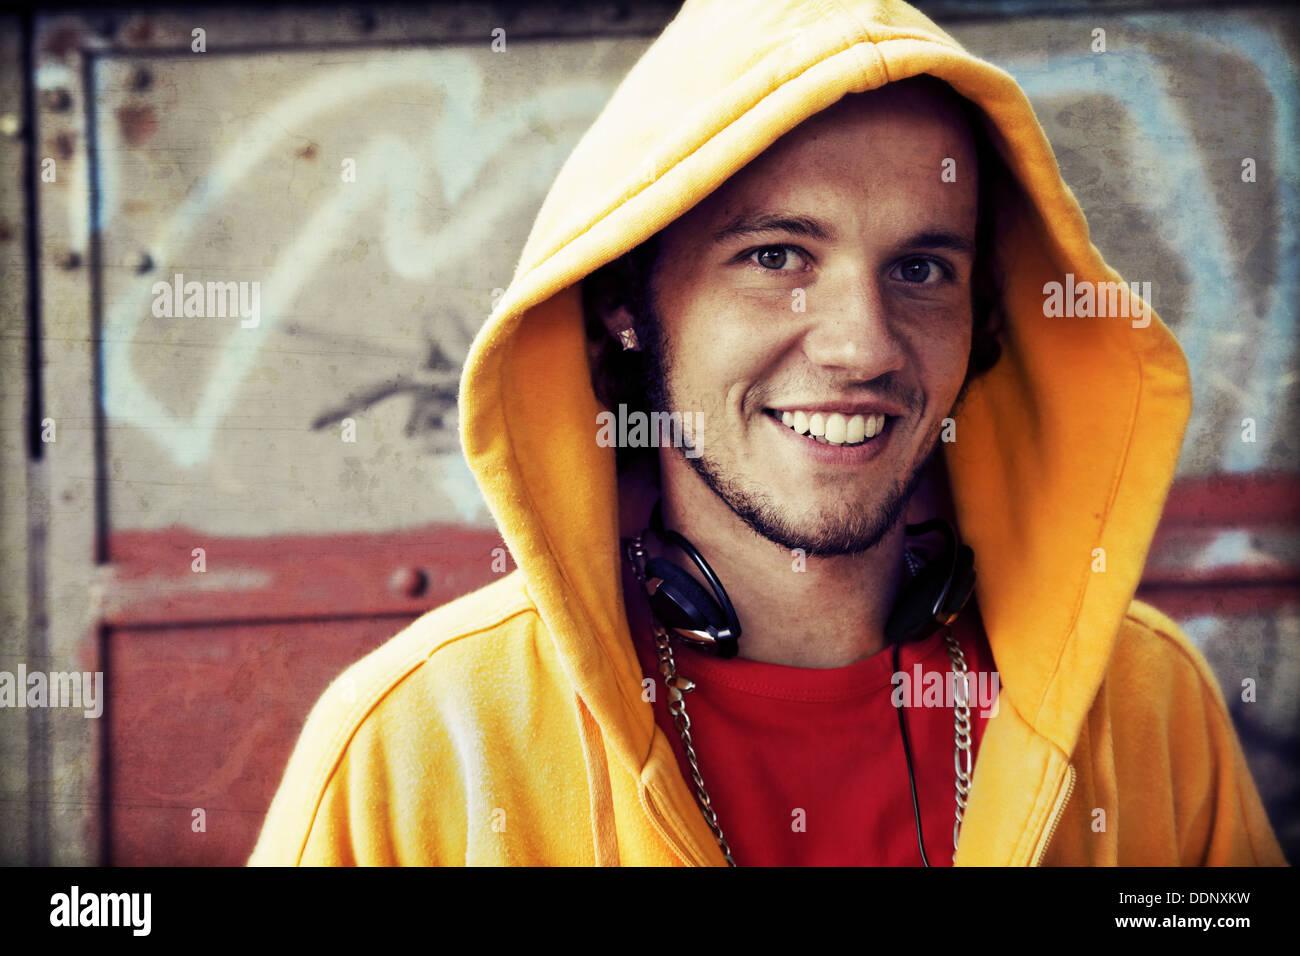 Teen / joven retrato en sudadera con capucha / puente sobre el grunge graffiti wall Imagen De Stock